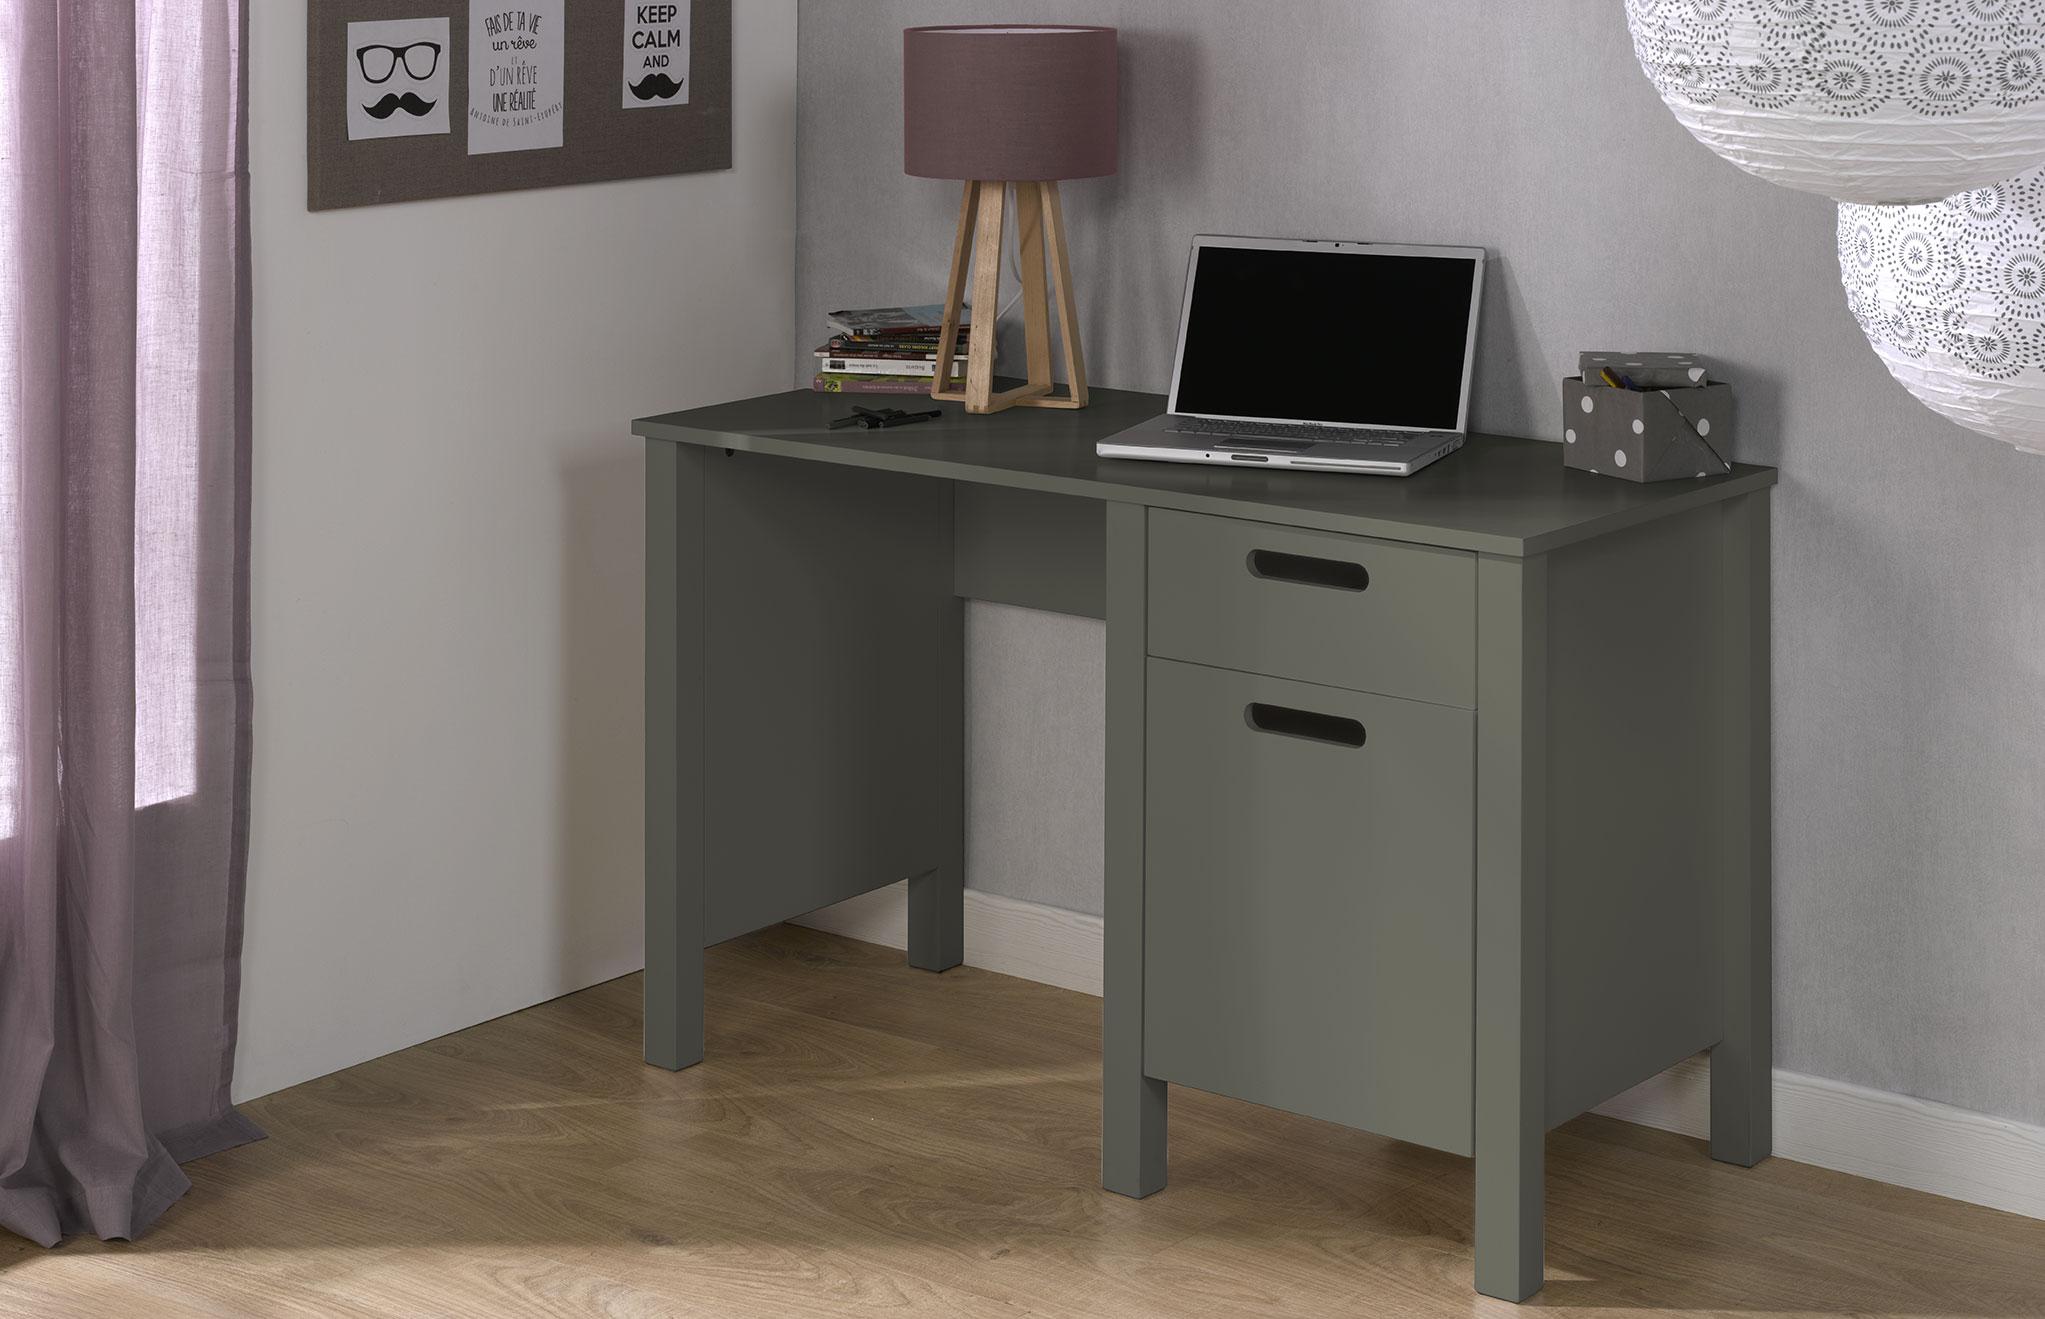 bureau gris beautiful bureau gris with bureau gris affordable bureau gris with bureau gris. Black Bedroom Furniture Sets. Home Design Ideas